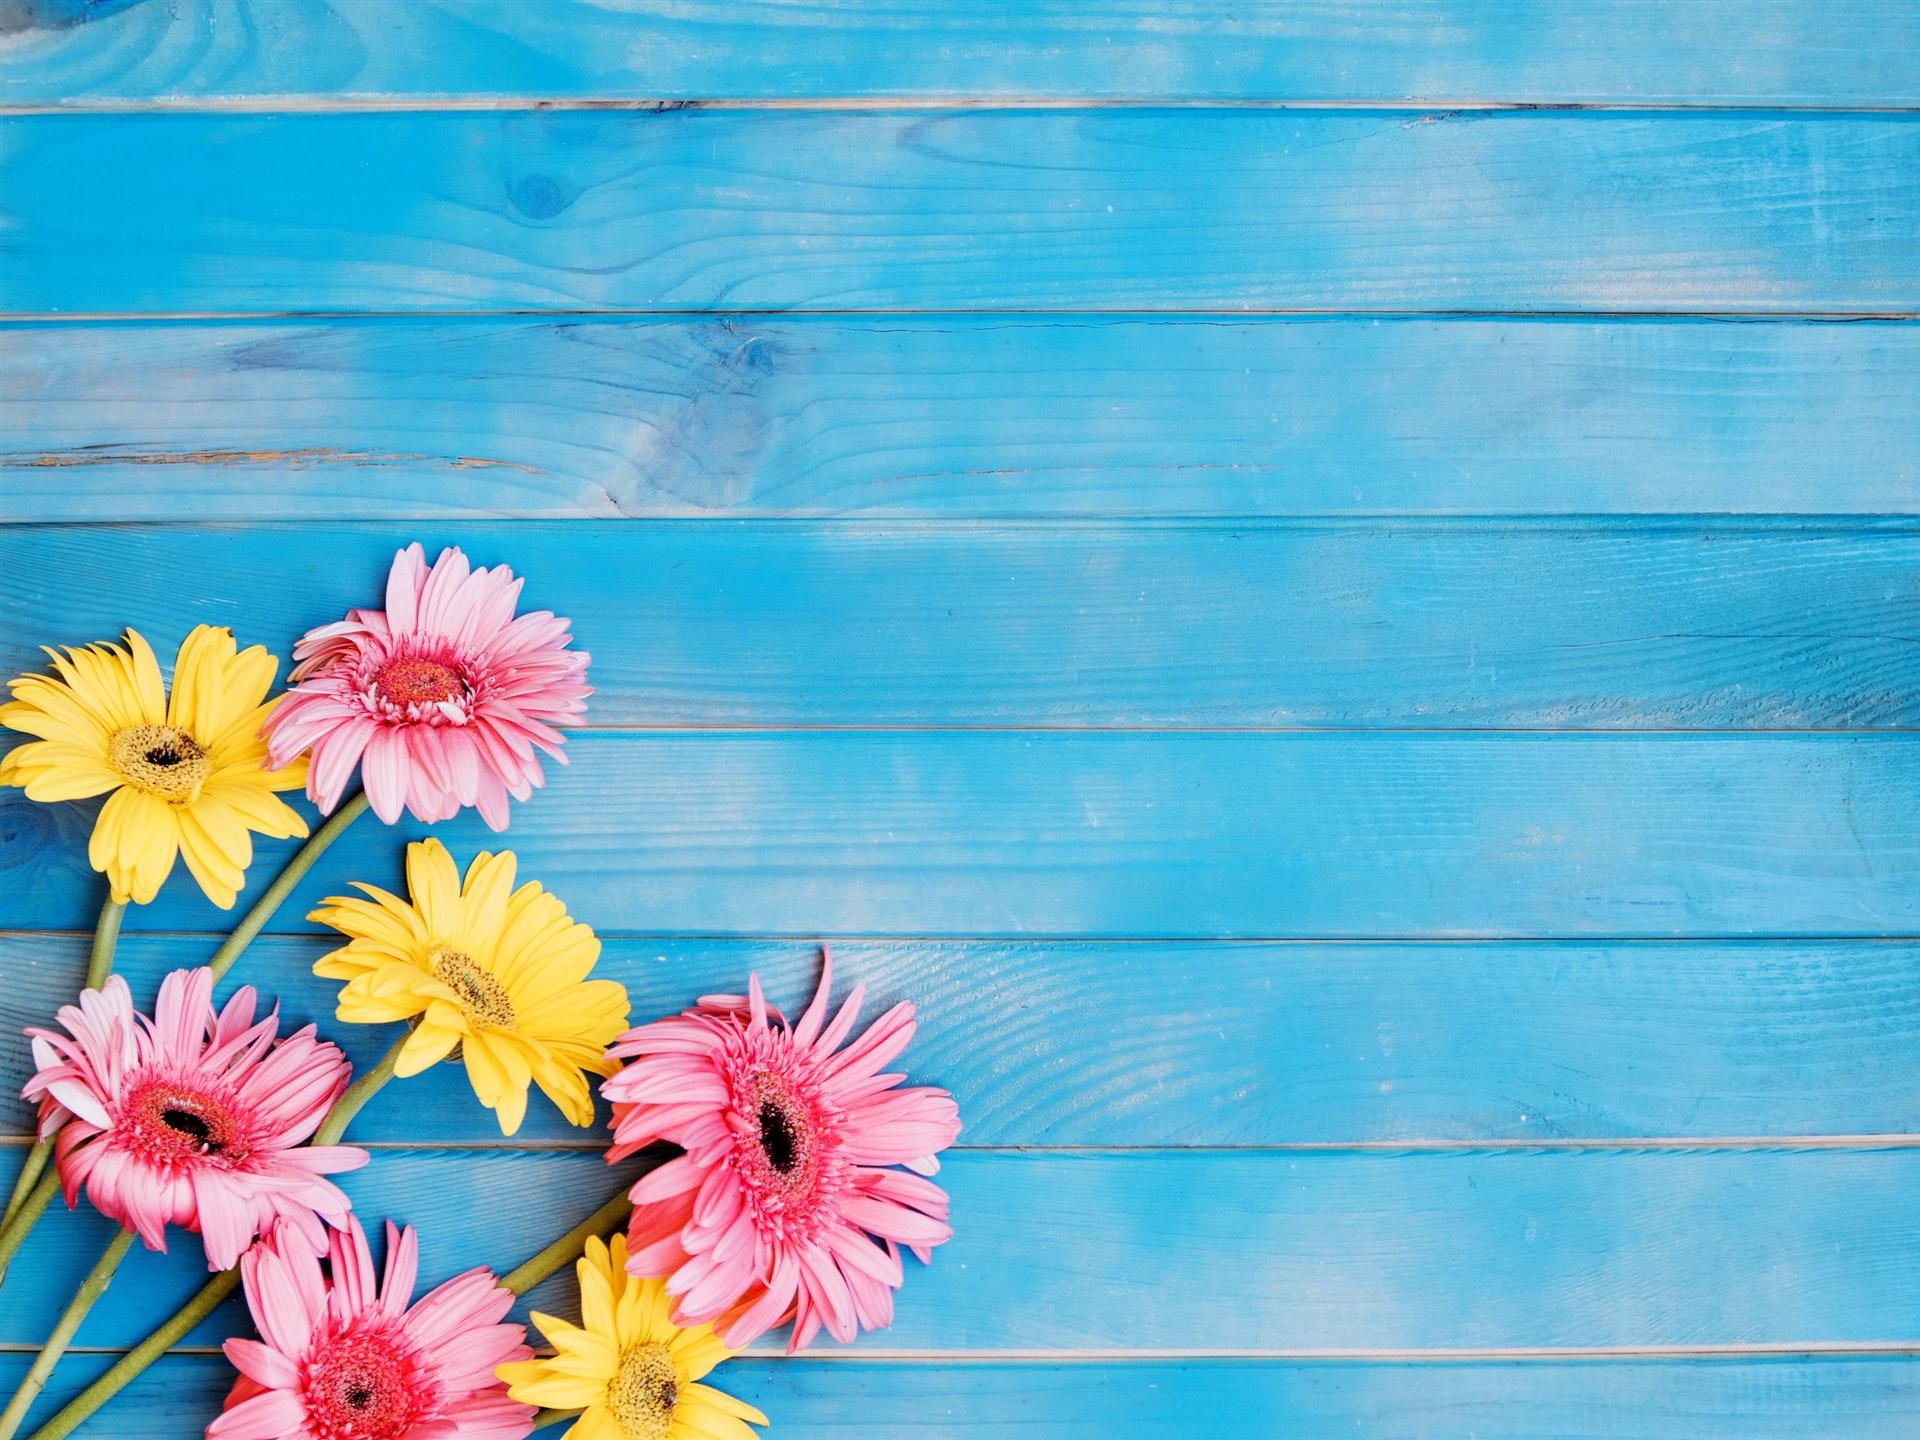 Fondos De Pantalla Rosa Rosa Flores Fondo De Madera: Fondos De Pantalla Flores Amarillas Y Rosadas Del Gerbera